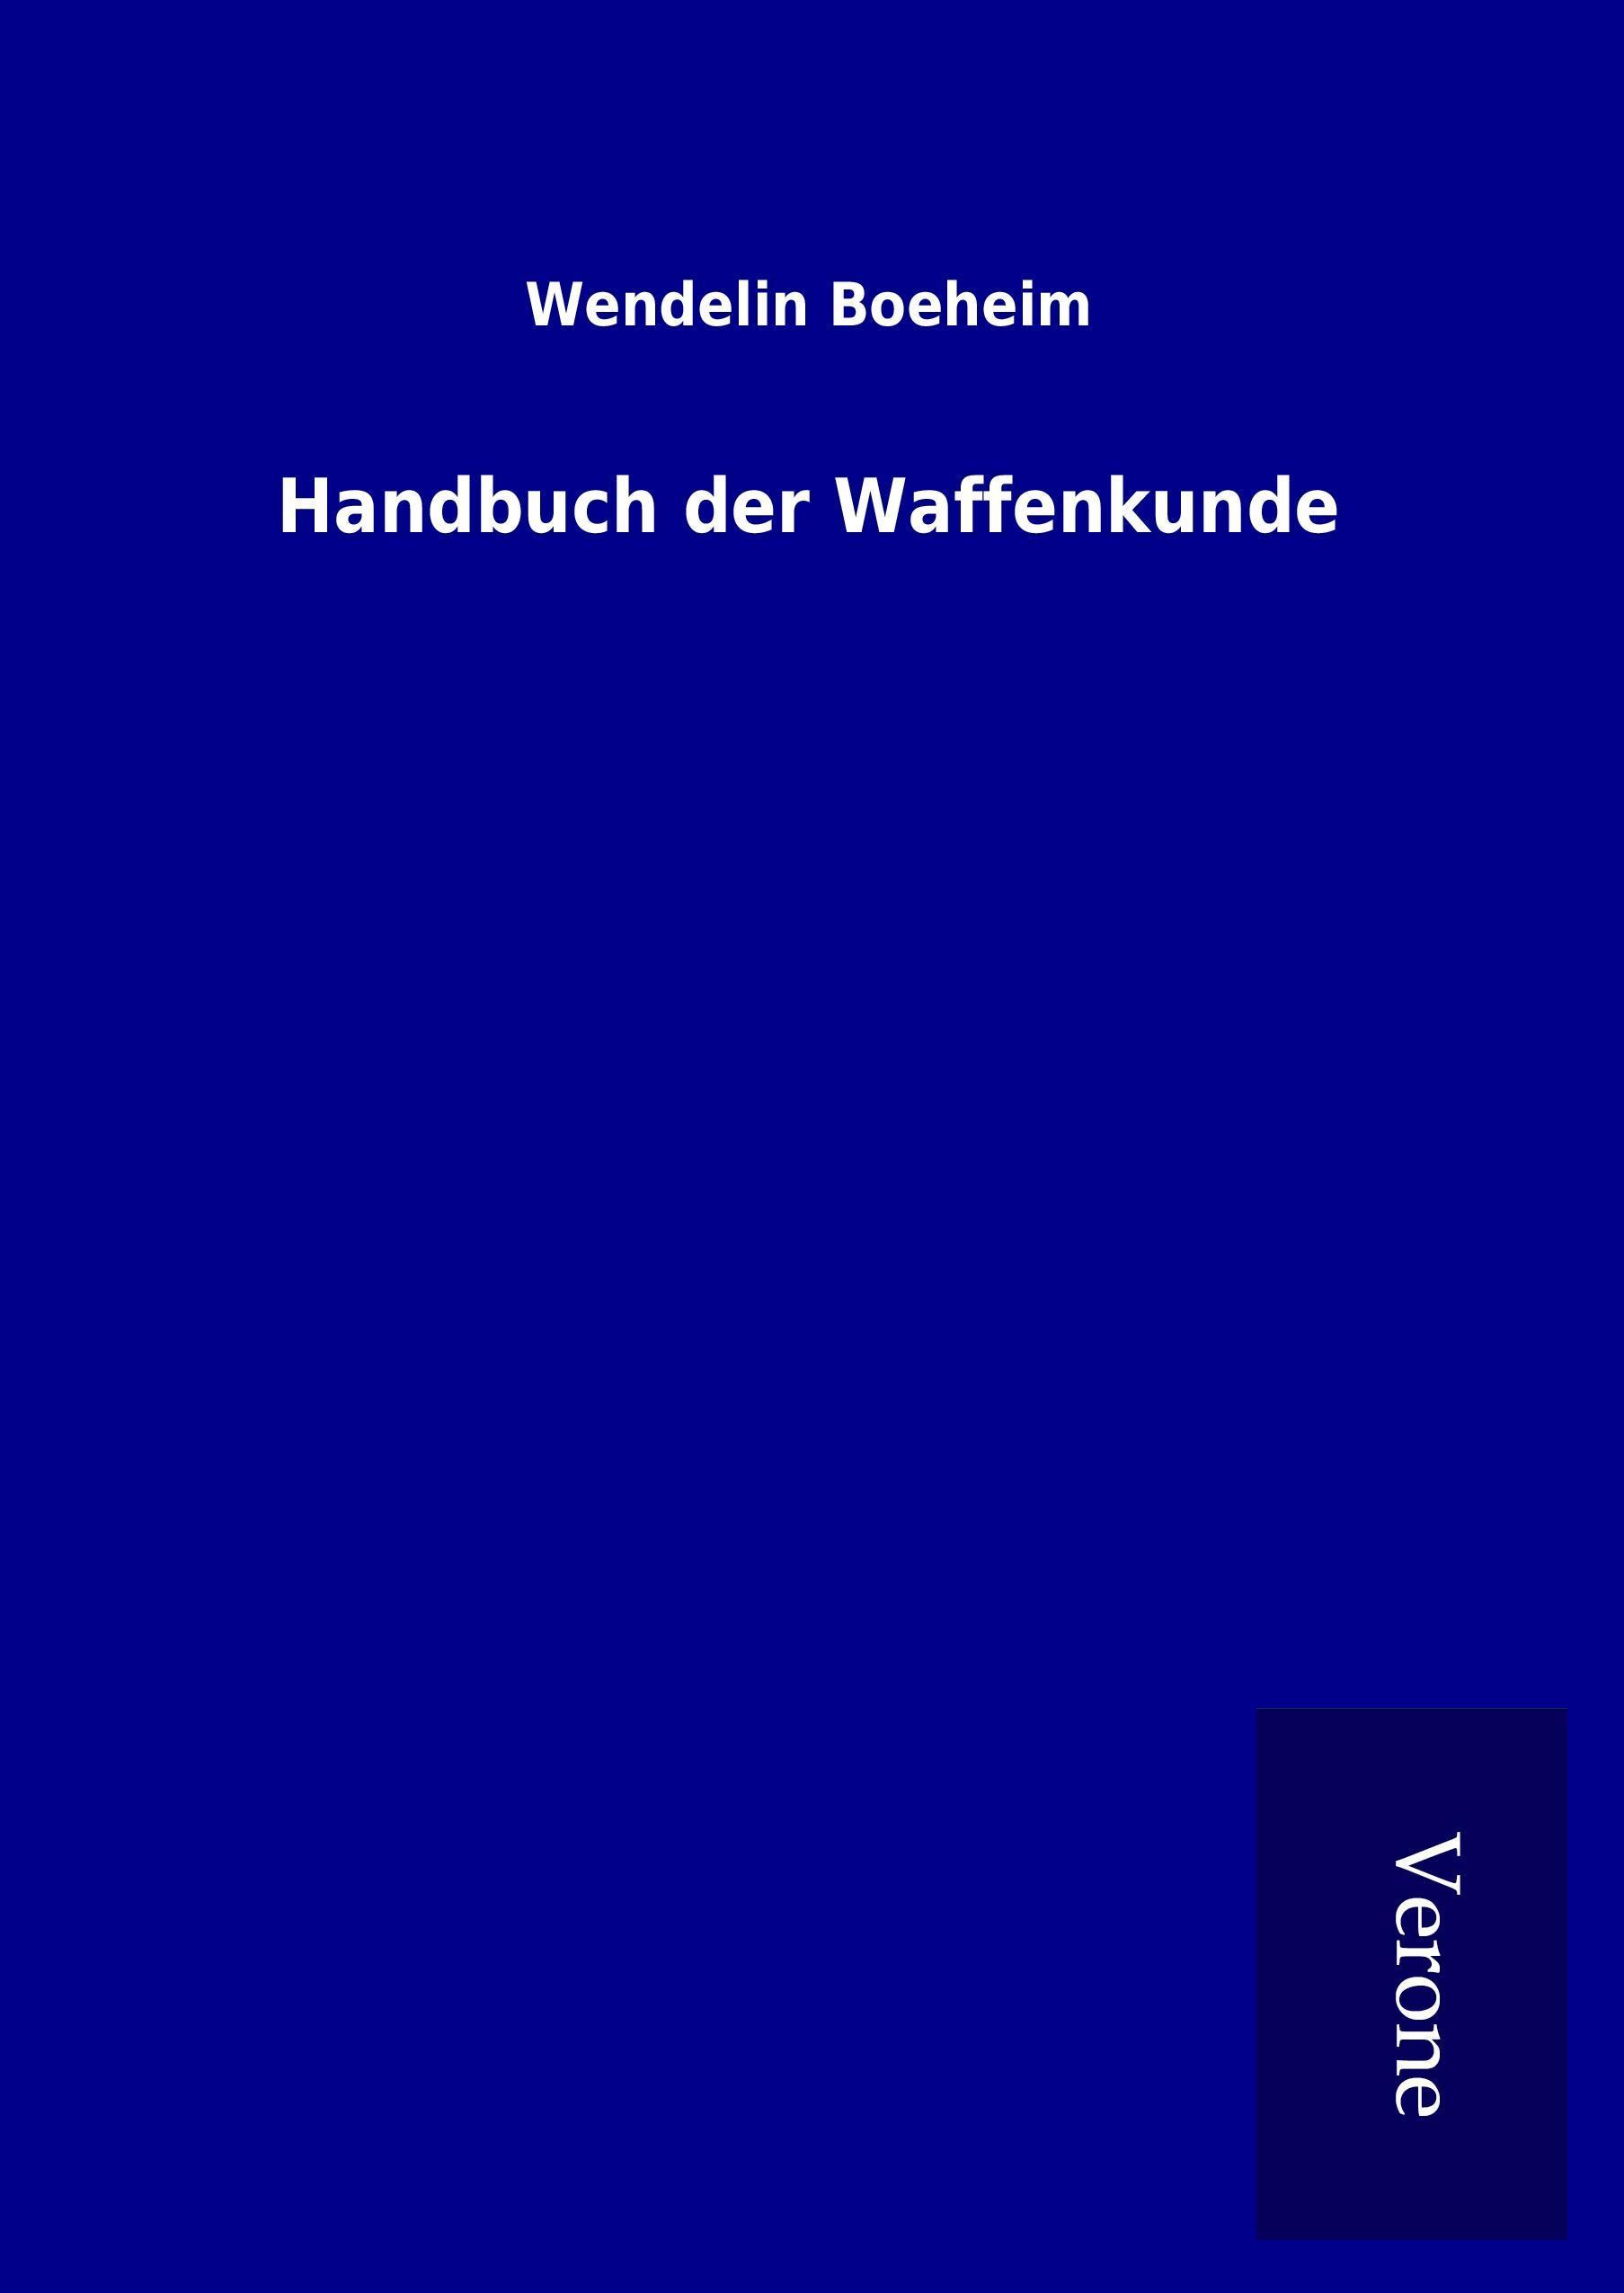 Handbuch der Waffenkunde - Boeheim, Wendelin